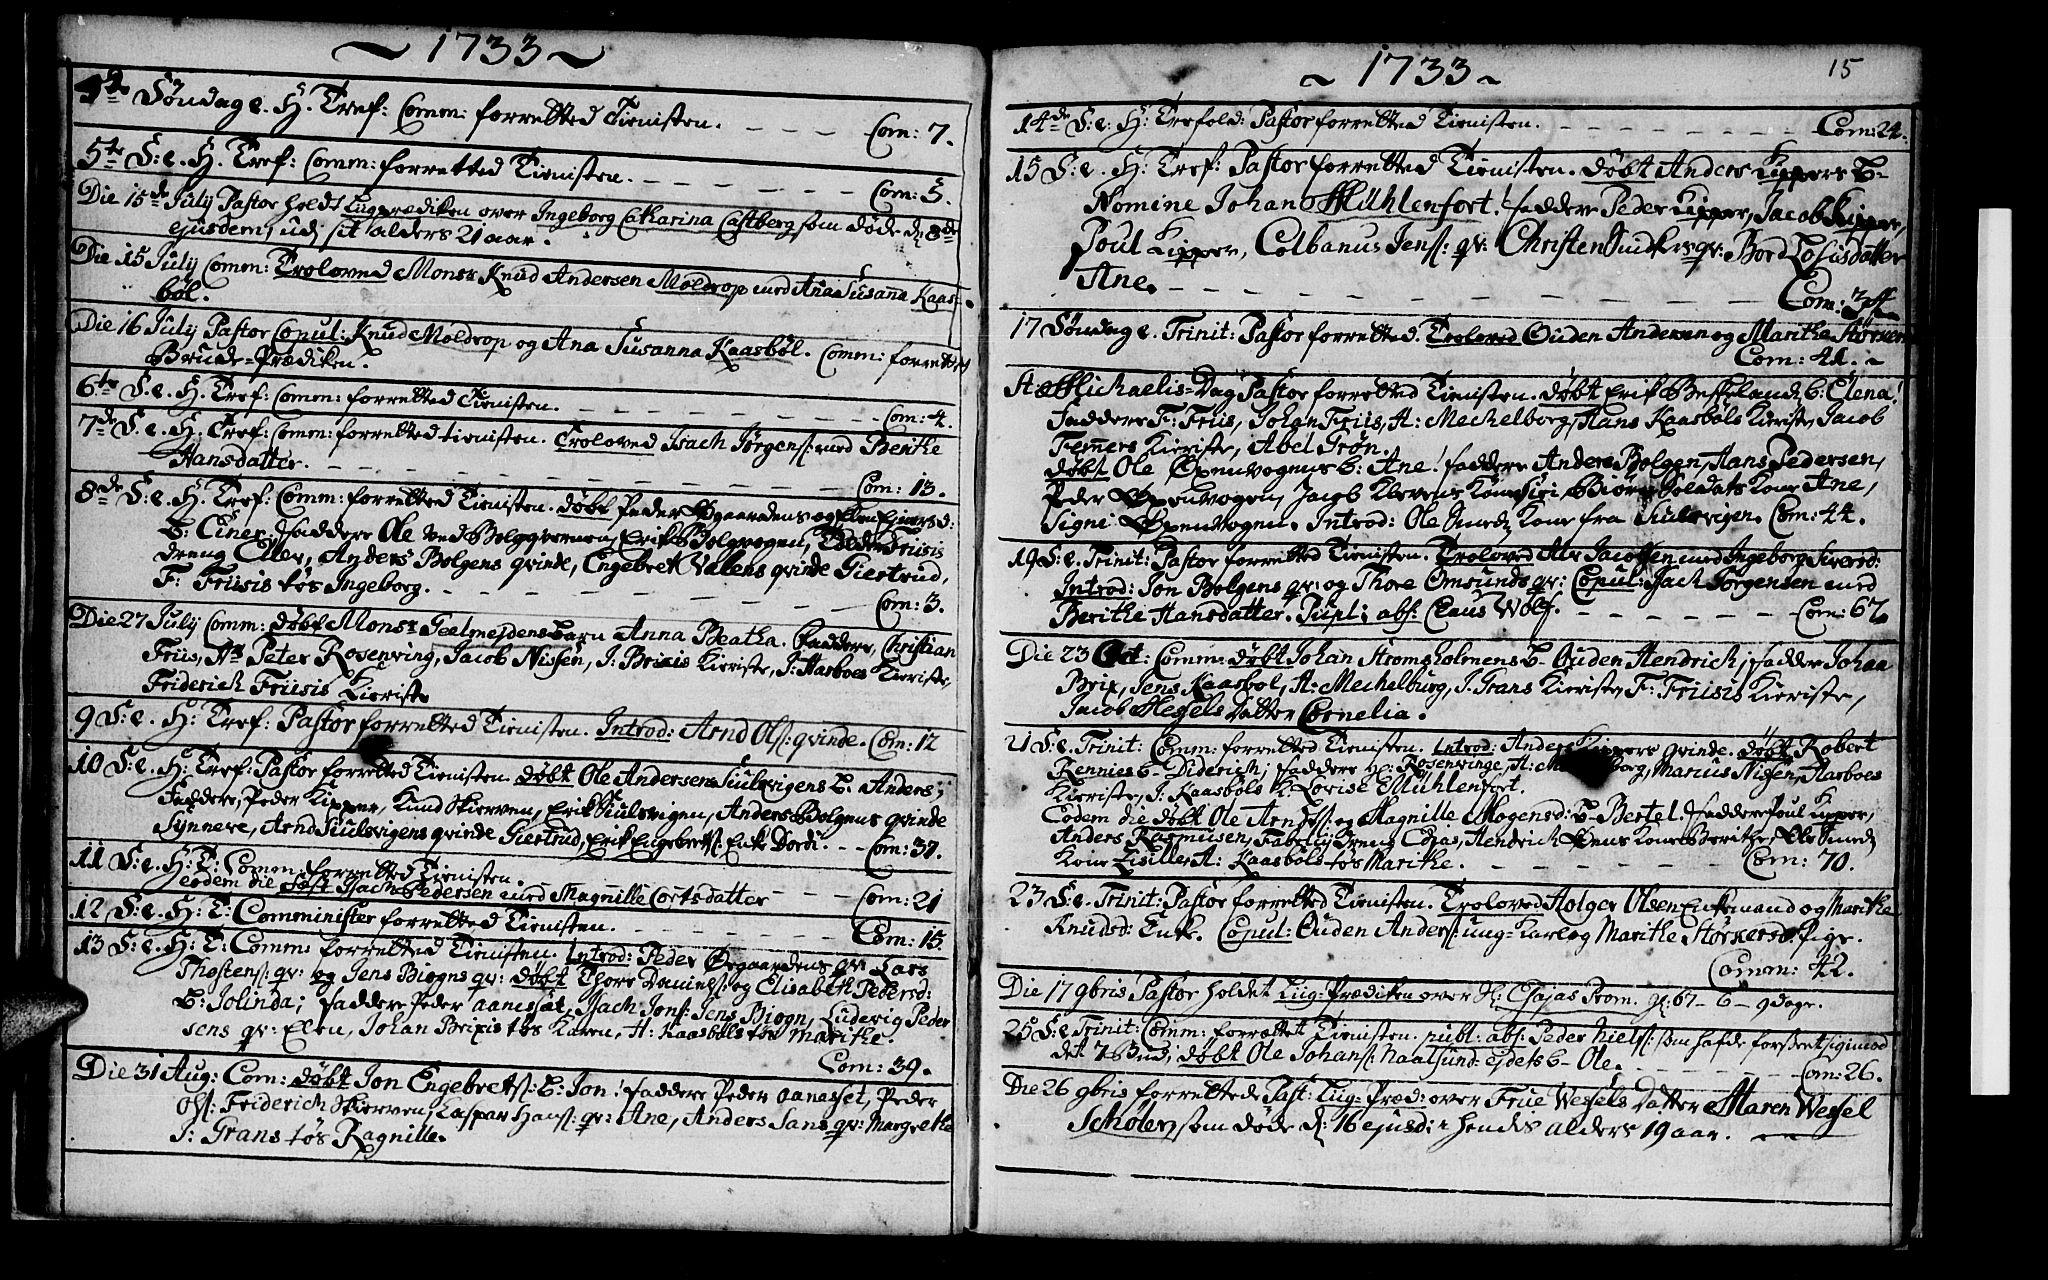 SAT, Ministerialprotokoller, klokkerbøker og fødselsregistre - Møre og Romsdal, 572/L0838: Ministerialbok nr. 572A01, 1731-1737, s. 14-15